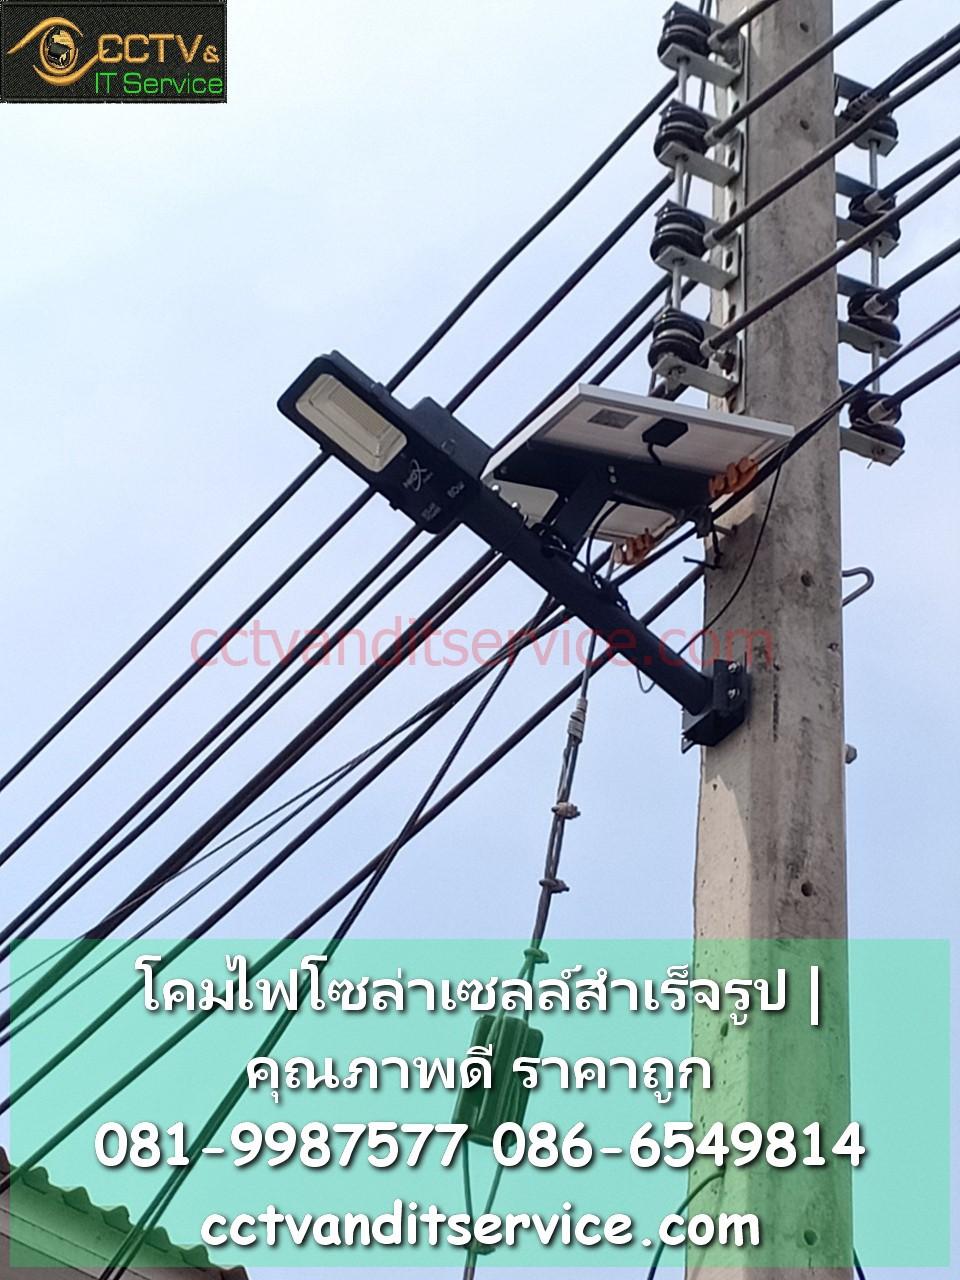 รูปภาพนี้มี Alt แอตทริบิวต์เป็นค่าว่าง ชื่อไฟล์คือ LAMP_Solar_Sport-ligth-04.jpg